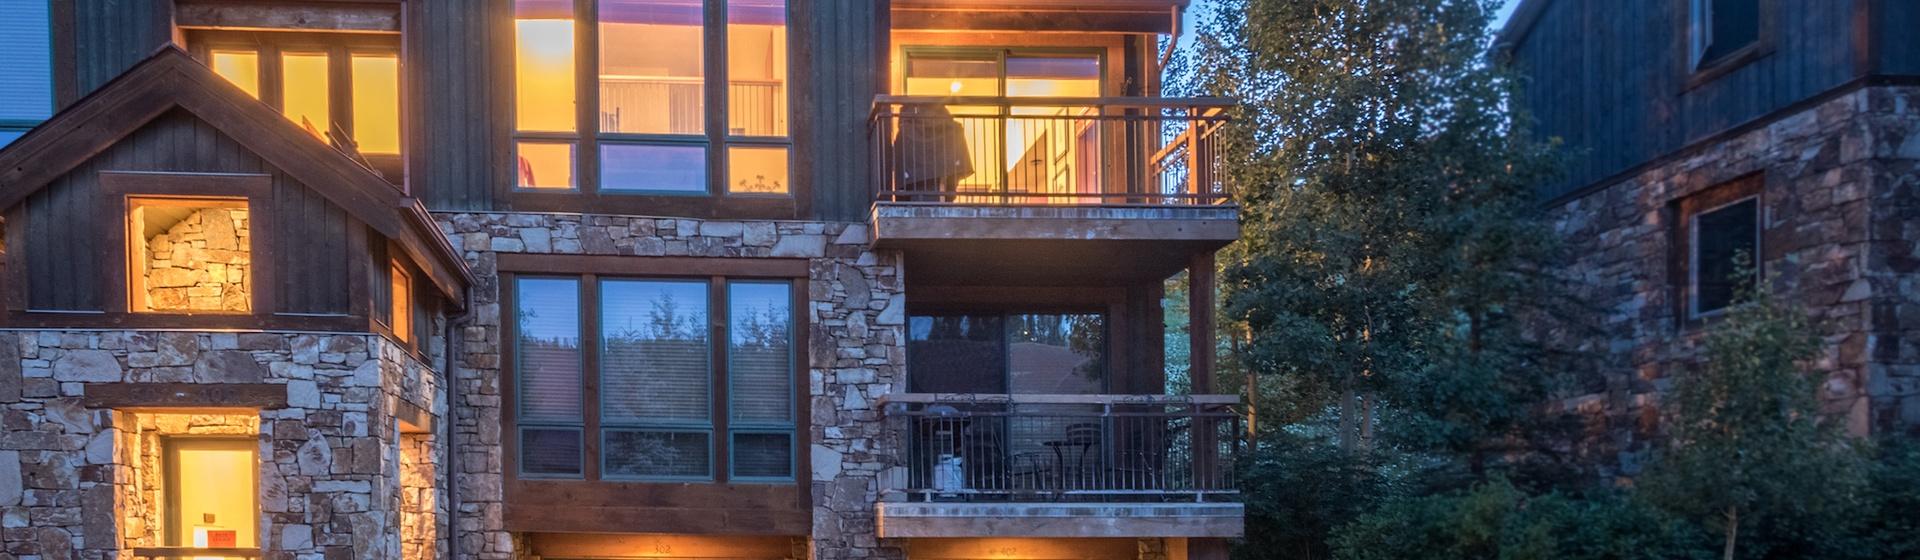 1-Telluride-Terraces402-Exterior.JPG